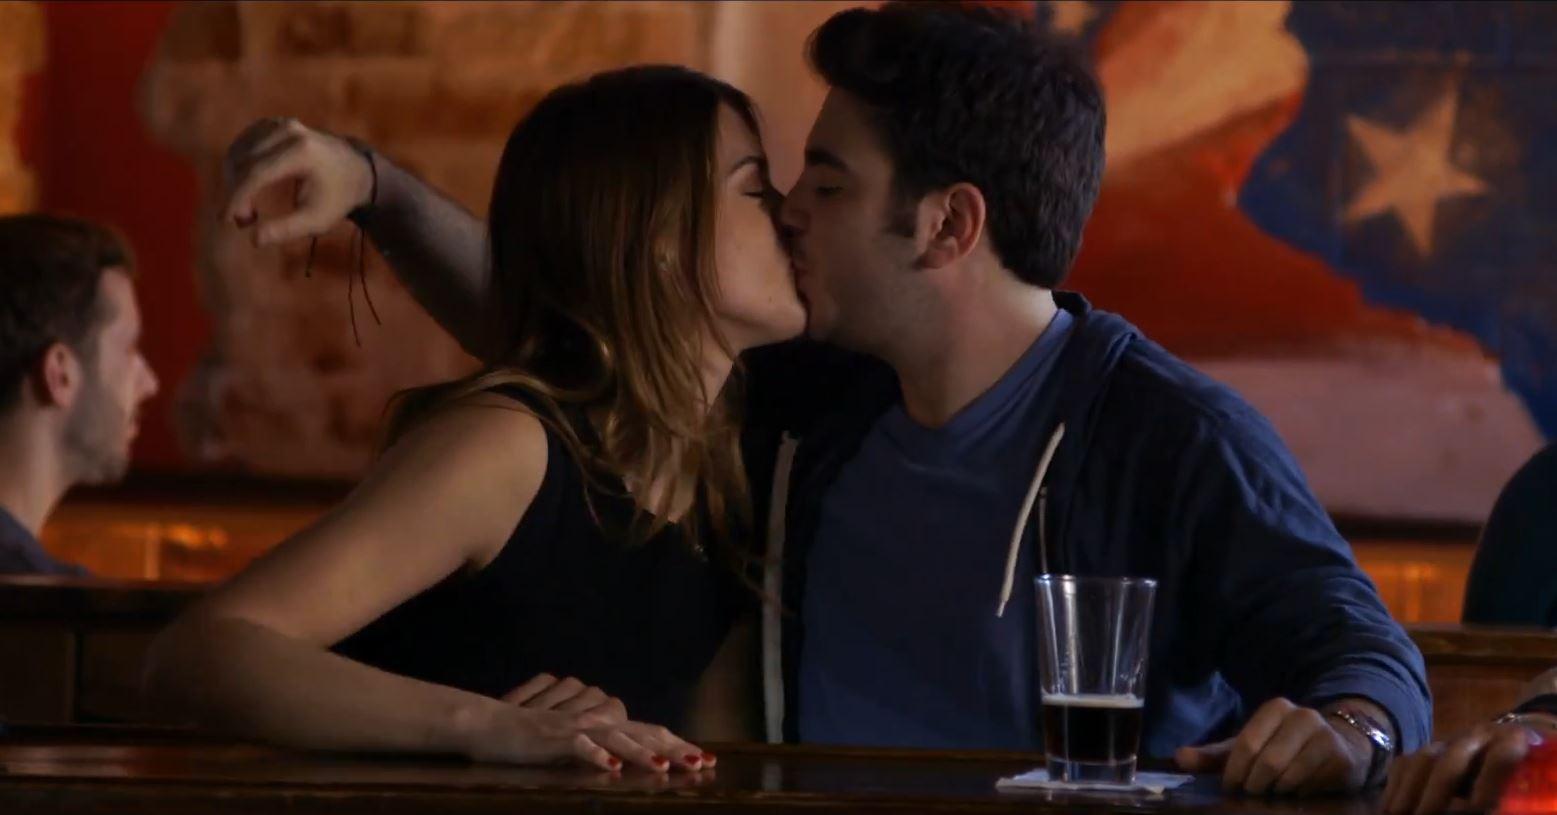 Amerikai pite 6 teljes film magyarul online dating 2